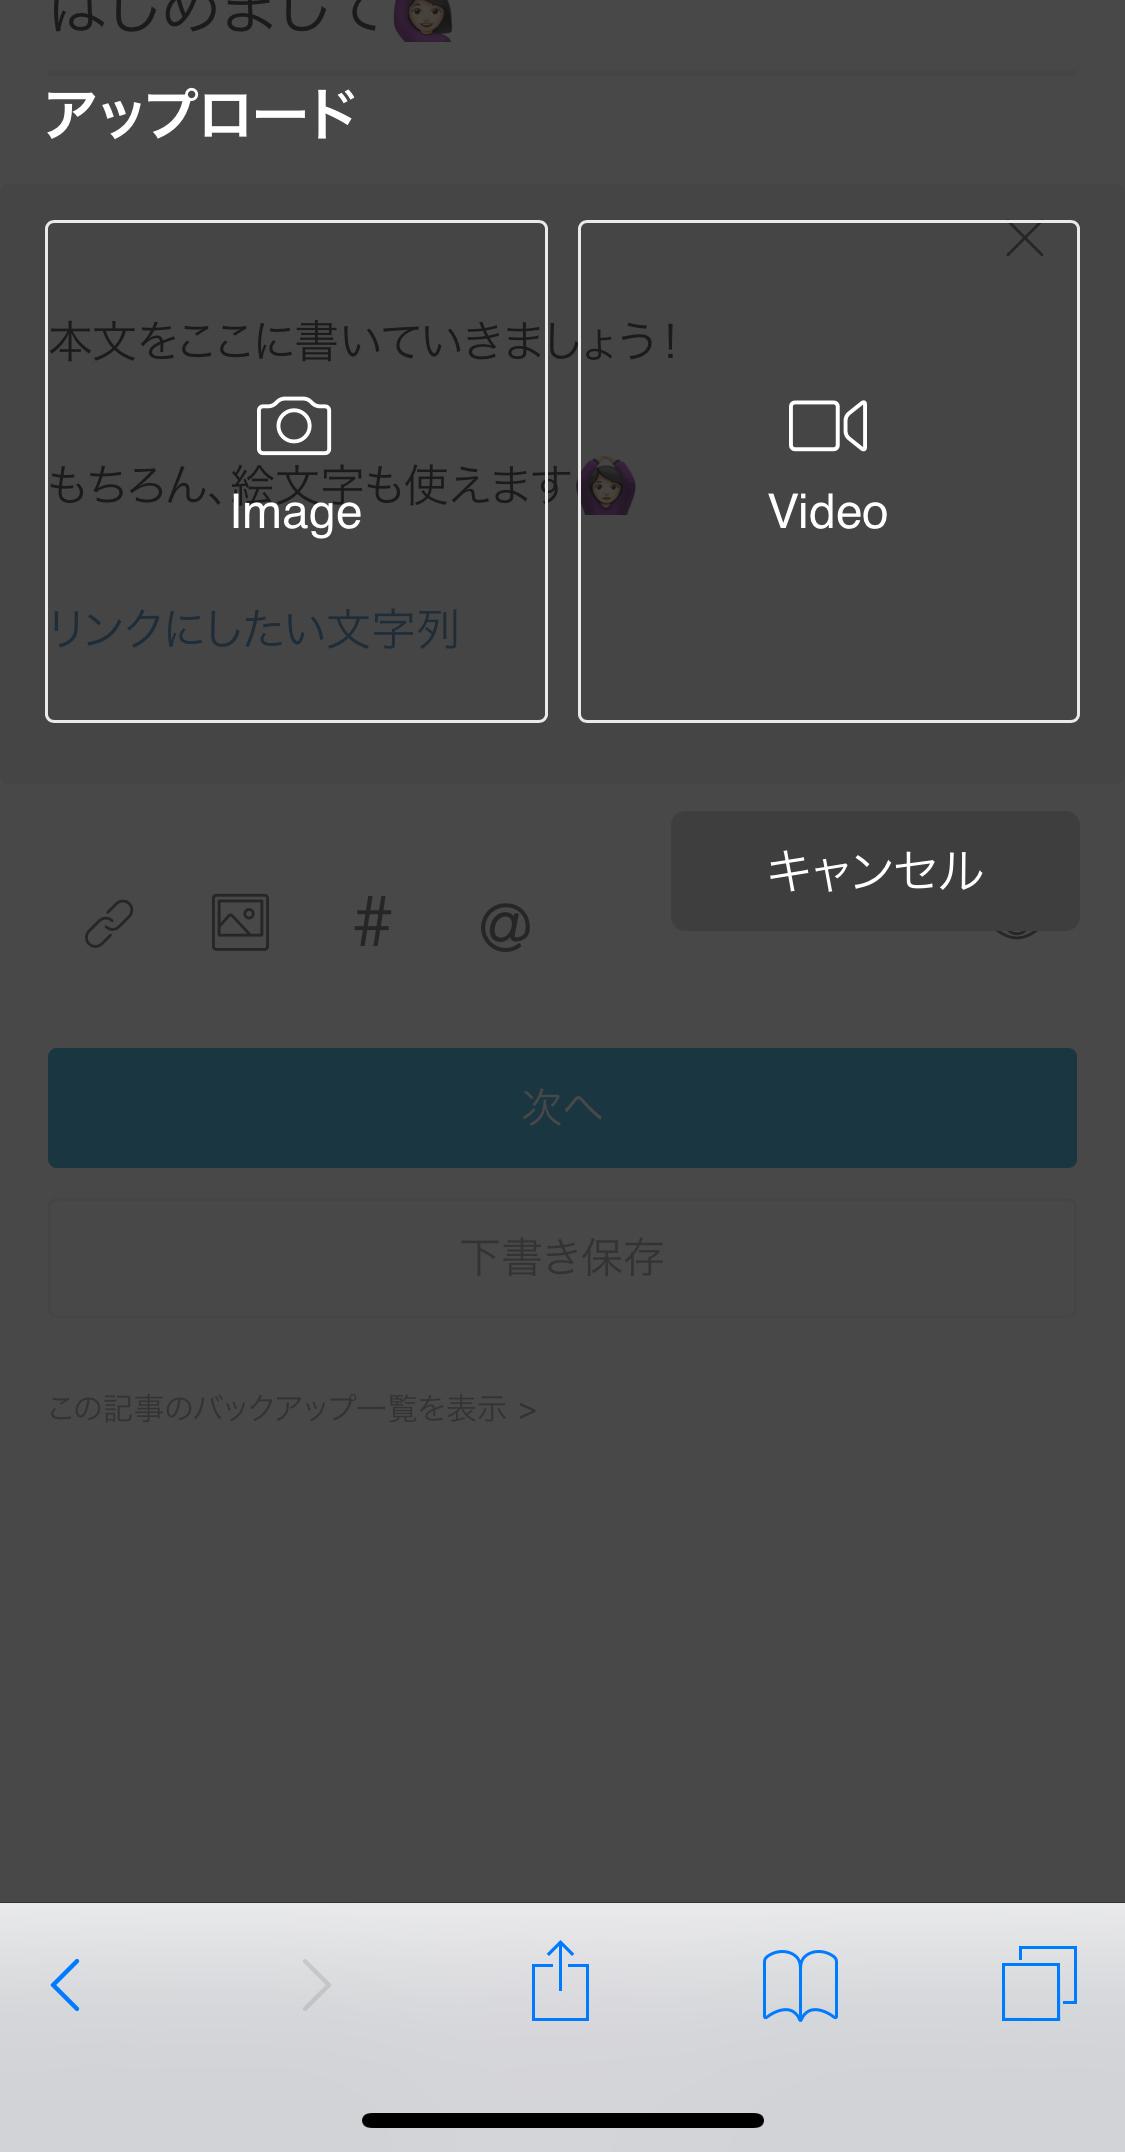 IMG_0118.jpg (249.2 kB)